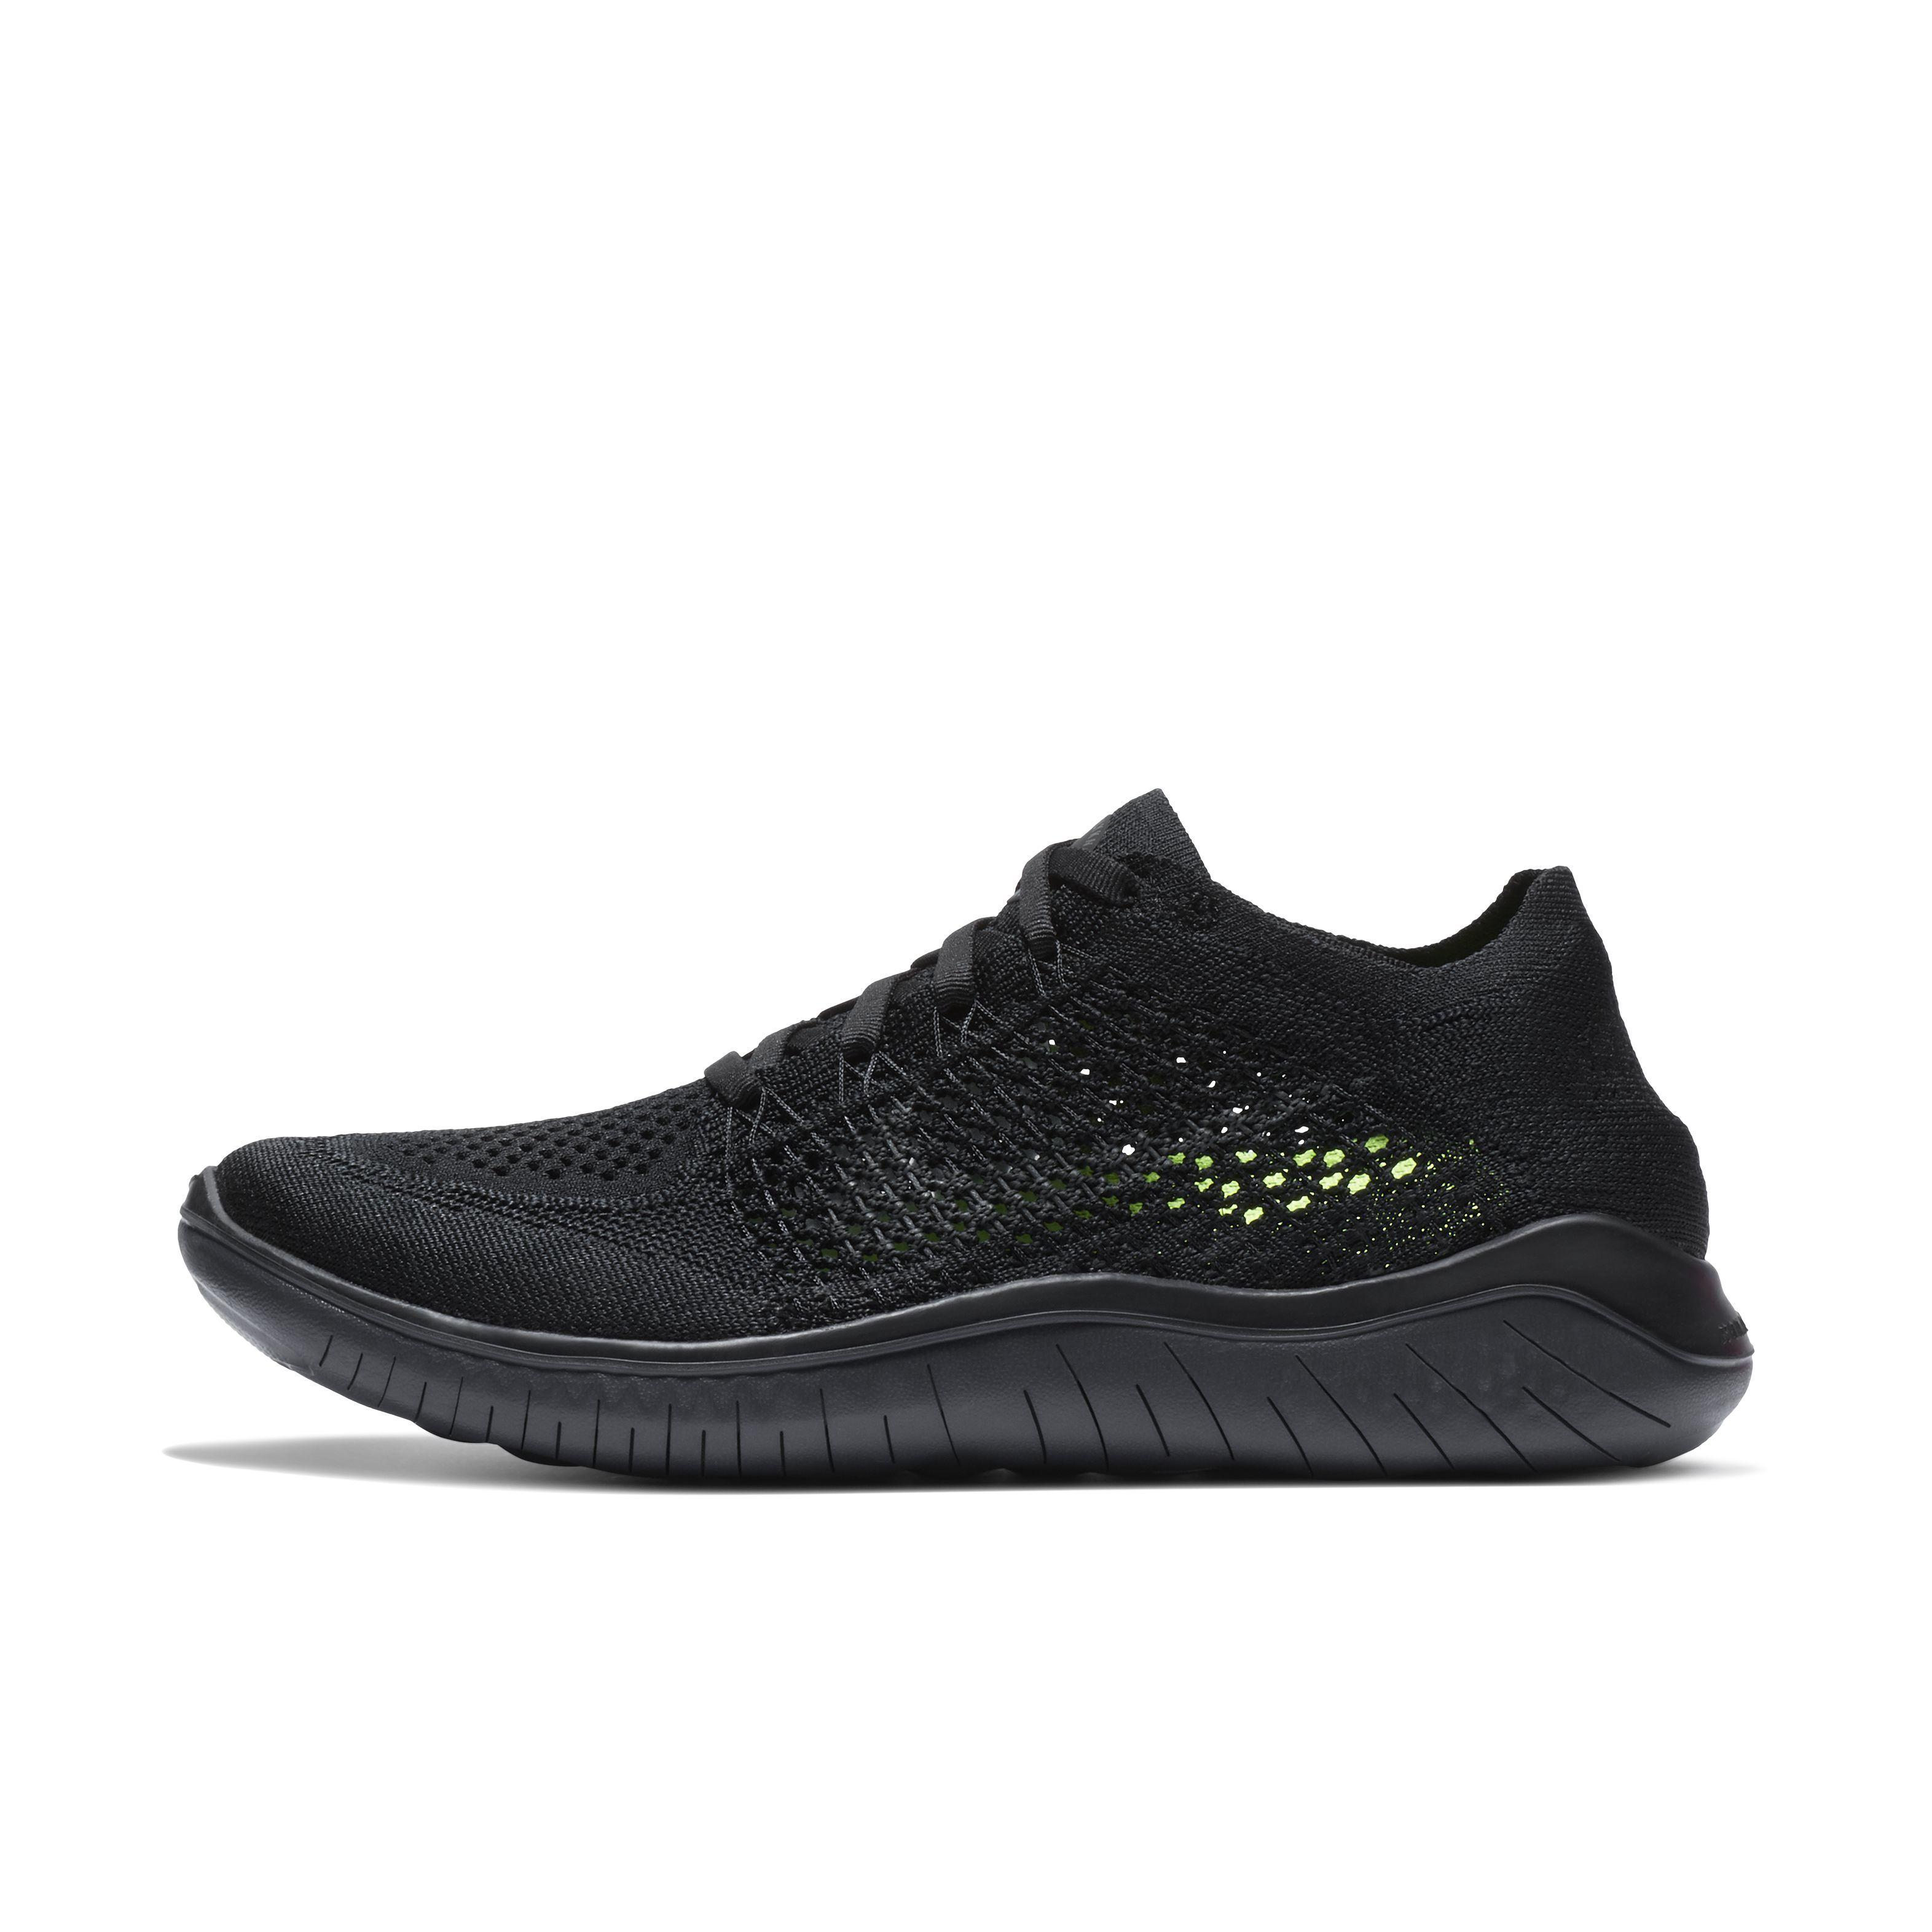 Free flyknit womens running shoe fsmvzg jpg 3144x3144 Nike dancing shoes c9790e191